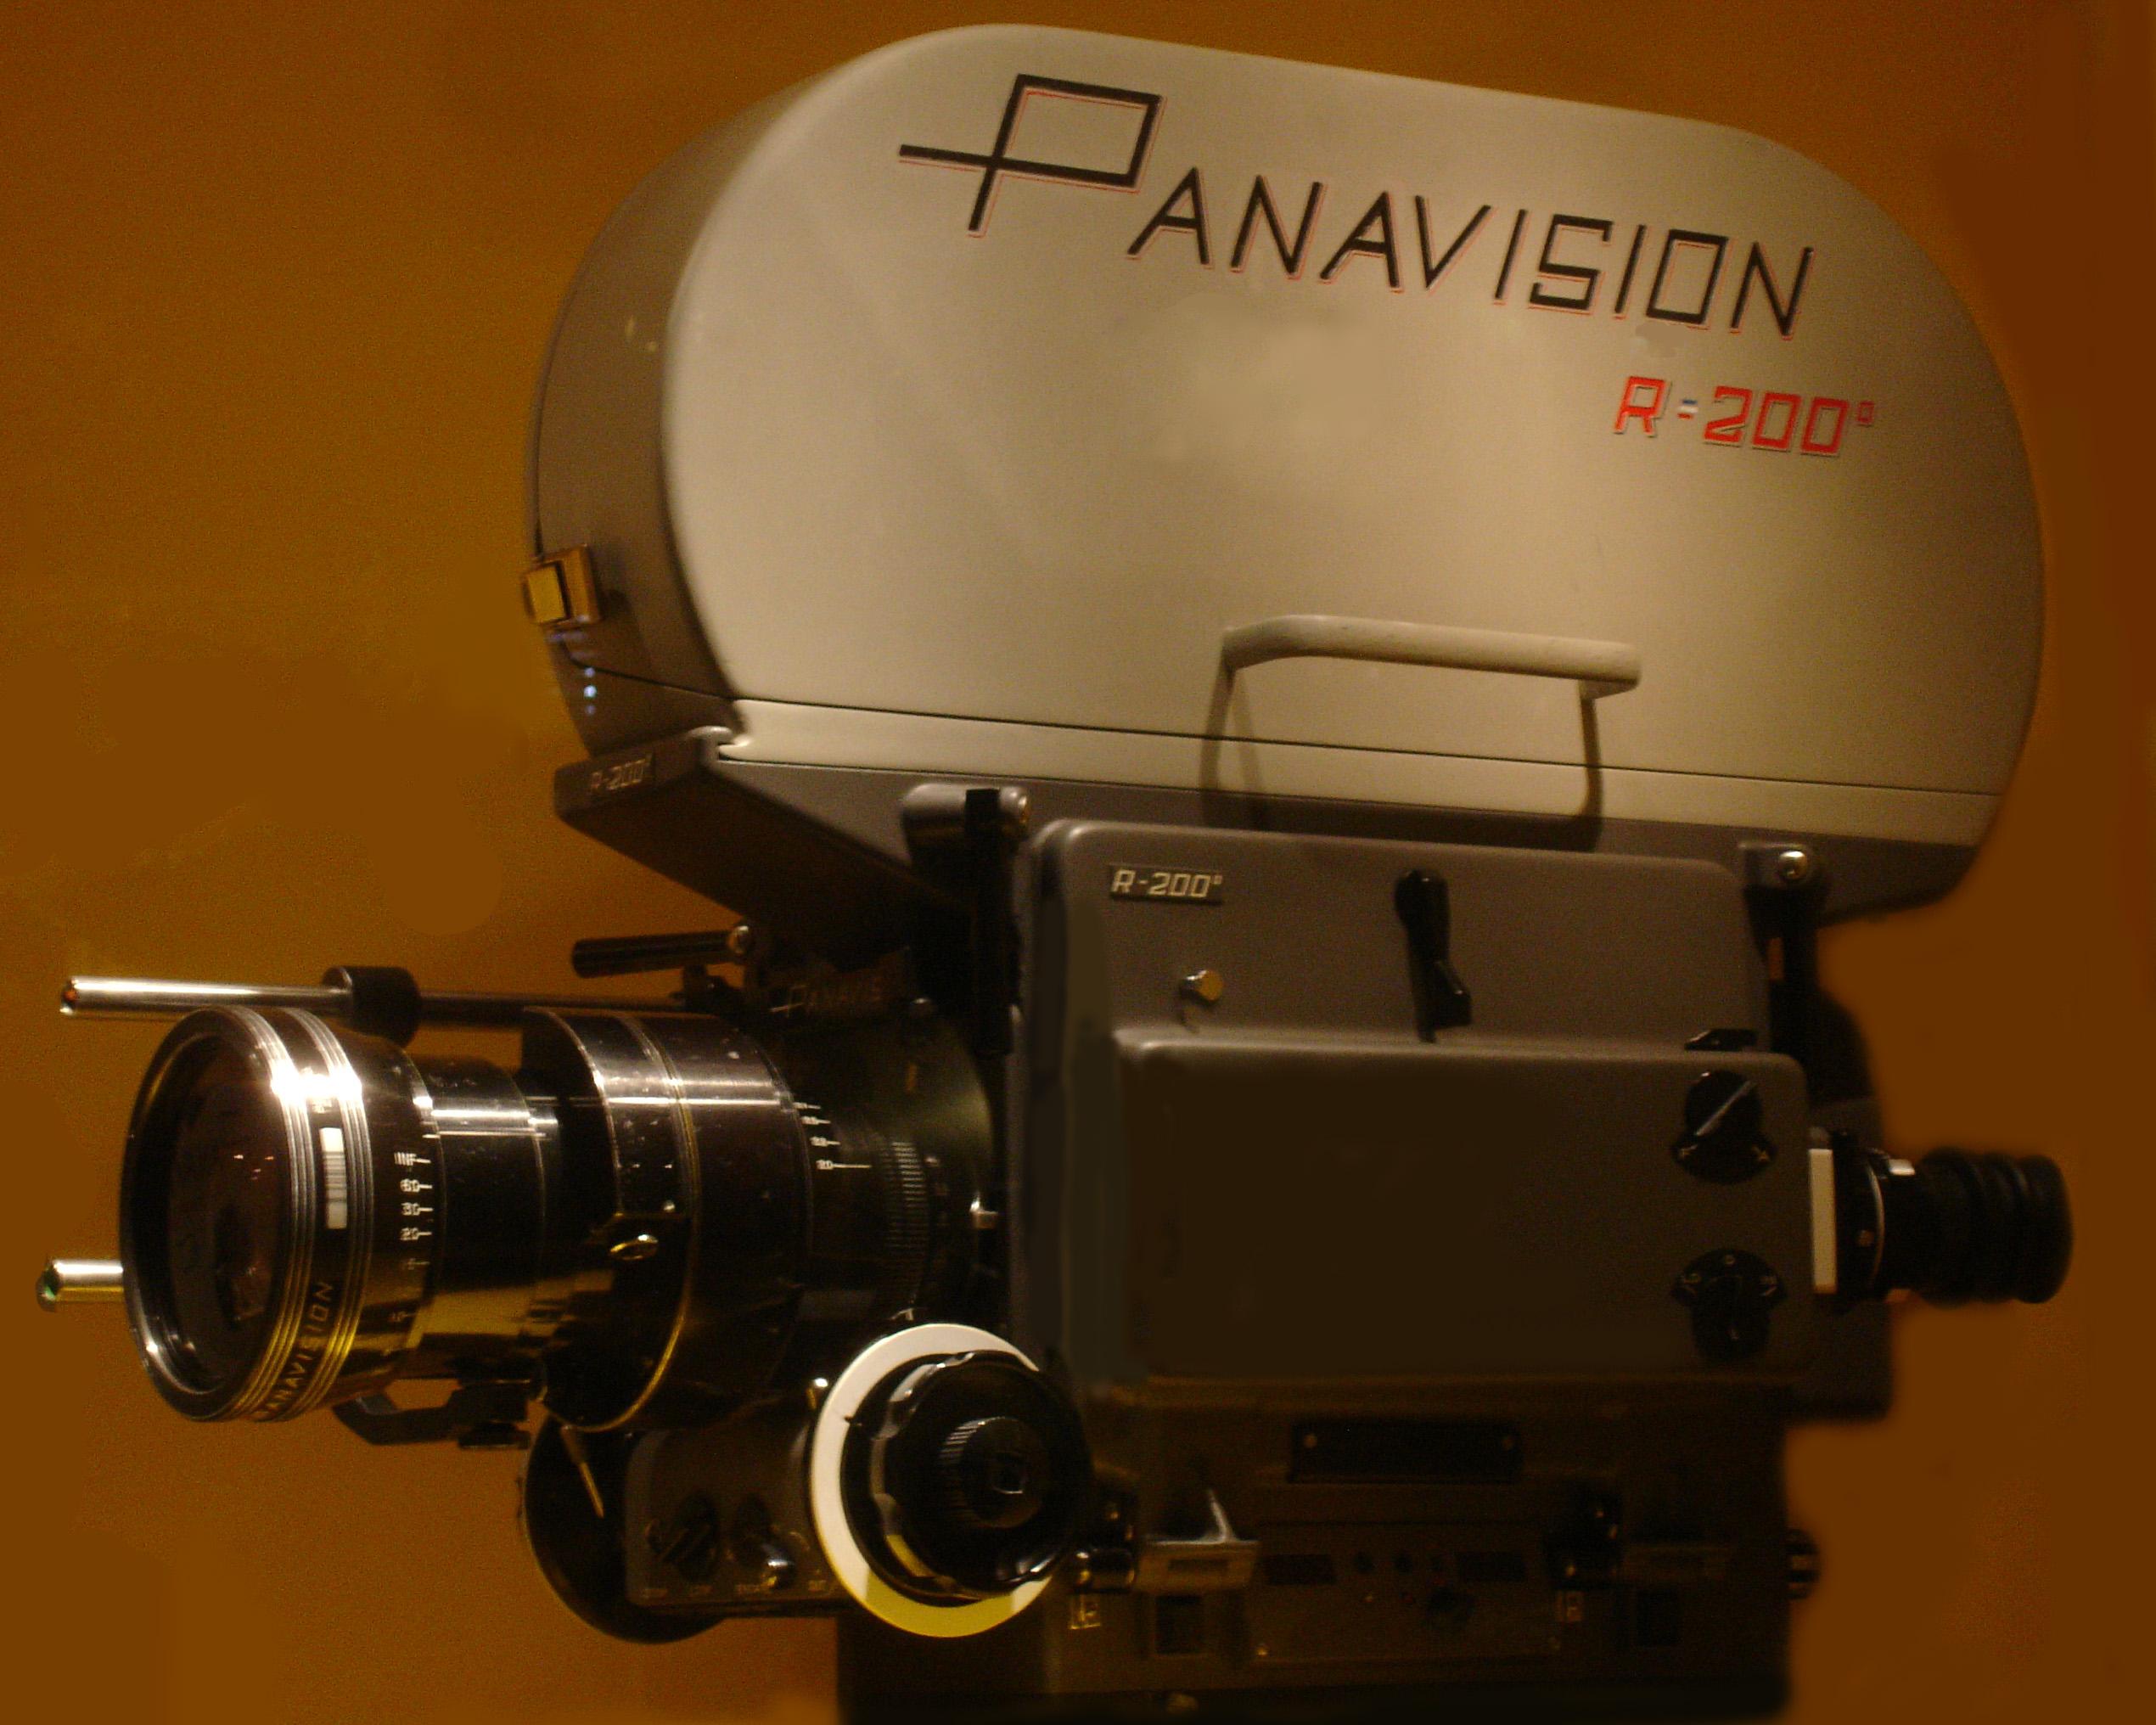 de20d3f105696 Câmera de vídeo – Wikipédia, a enciclopédia livre